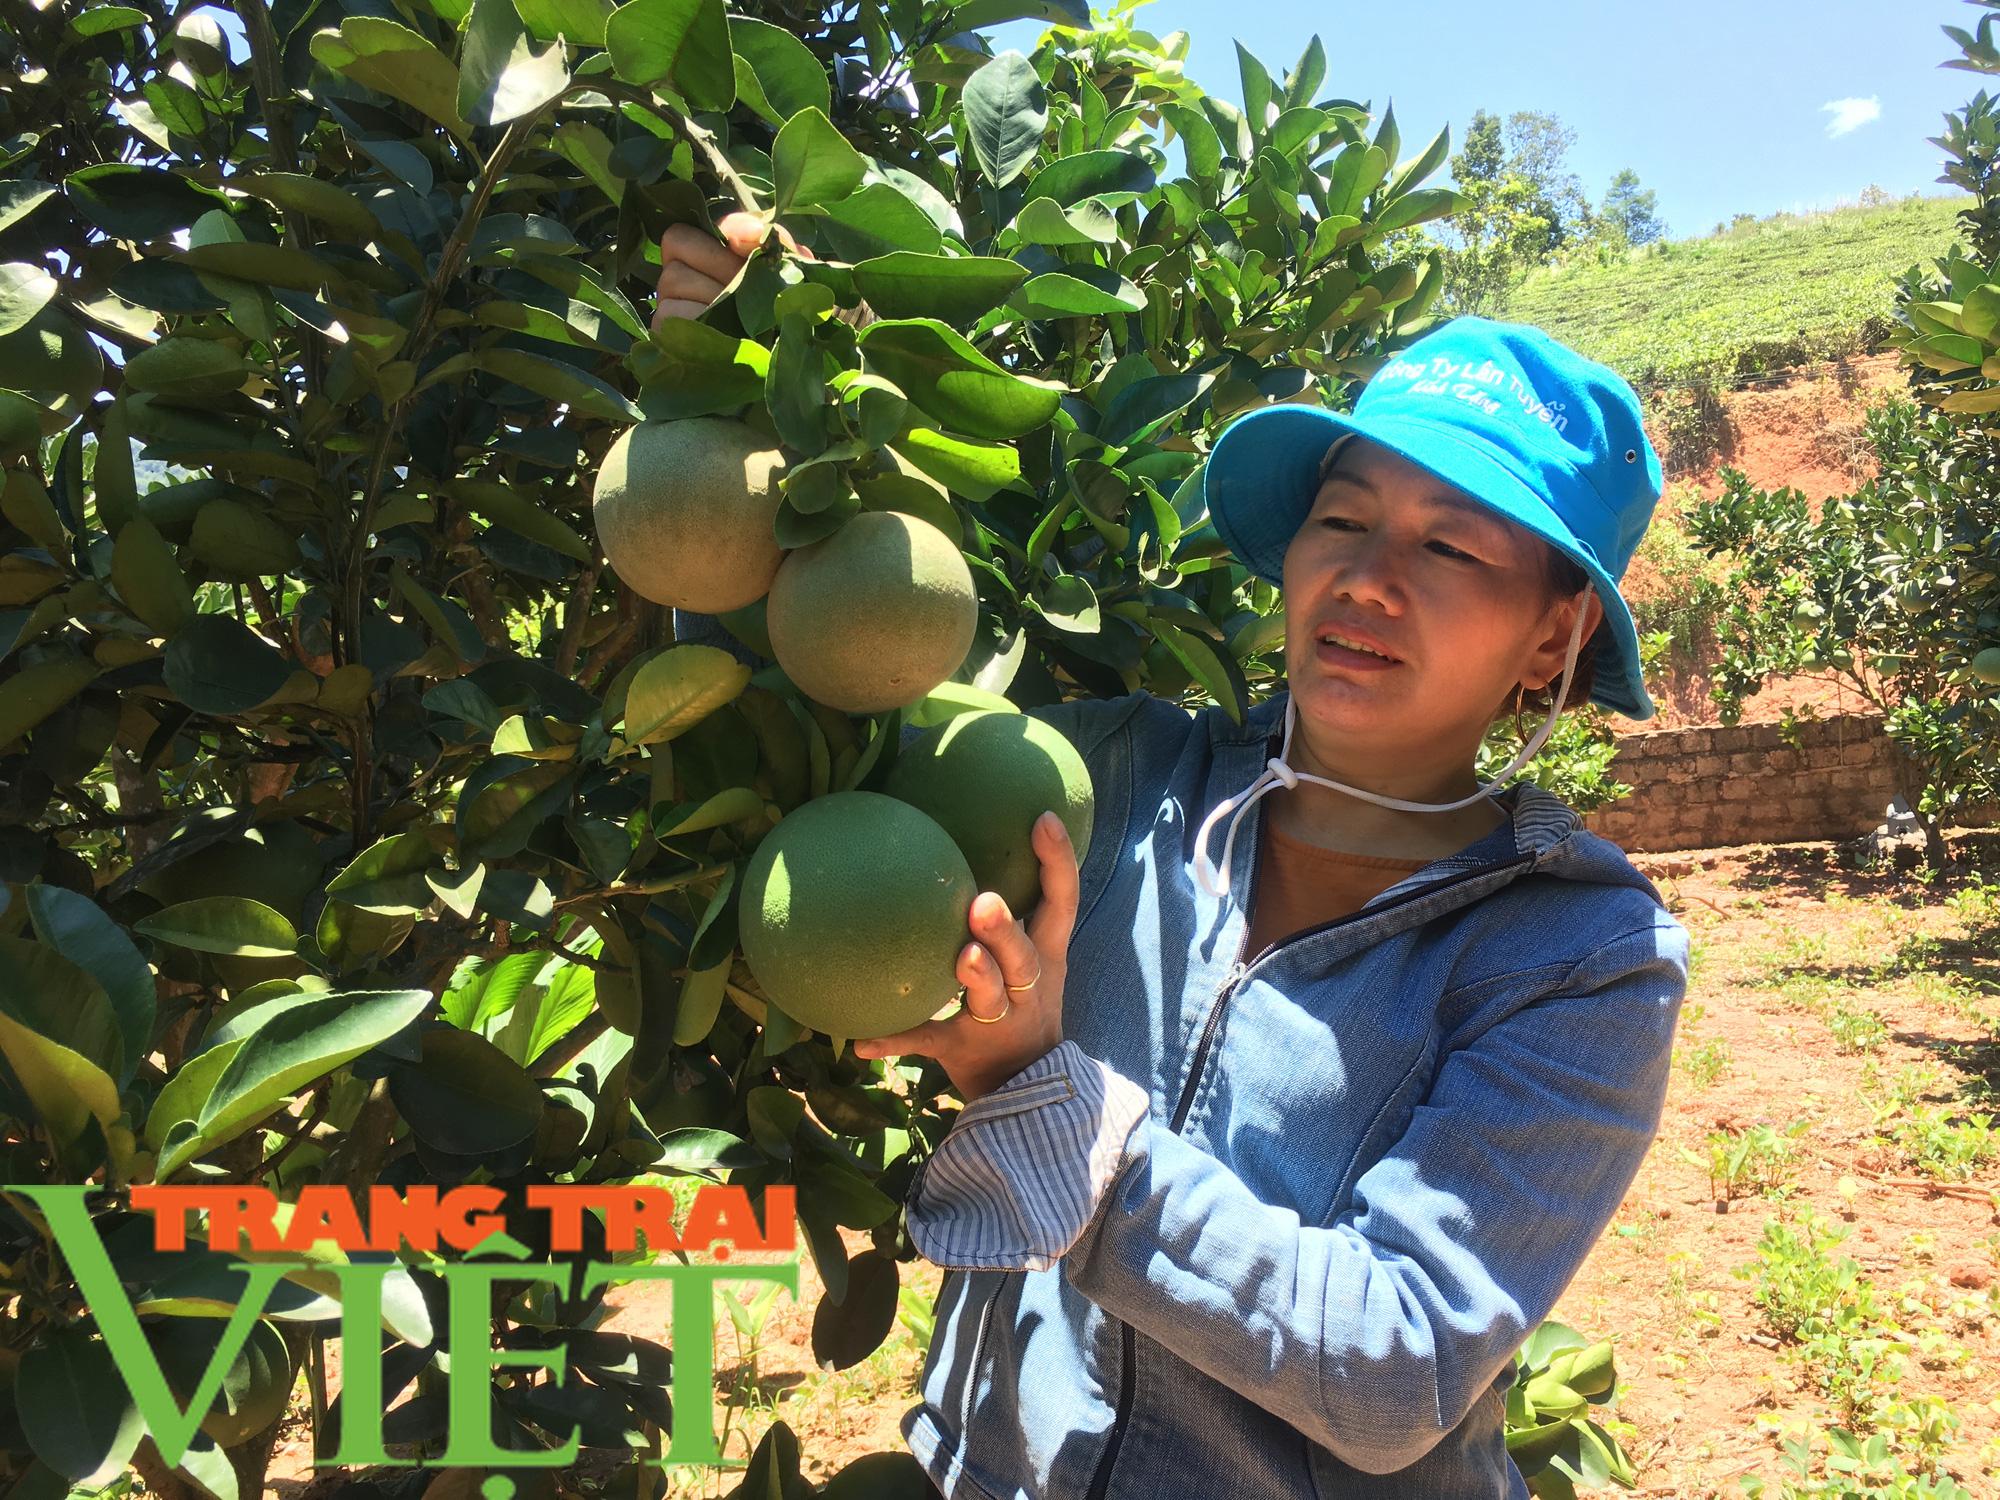 Mộc Châu phát triển nông nghiệp hữu cơ, hướng đi bền vững cho nông dân  - Ảnh 3.